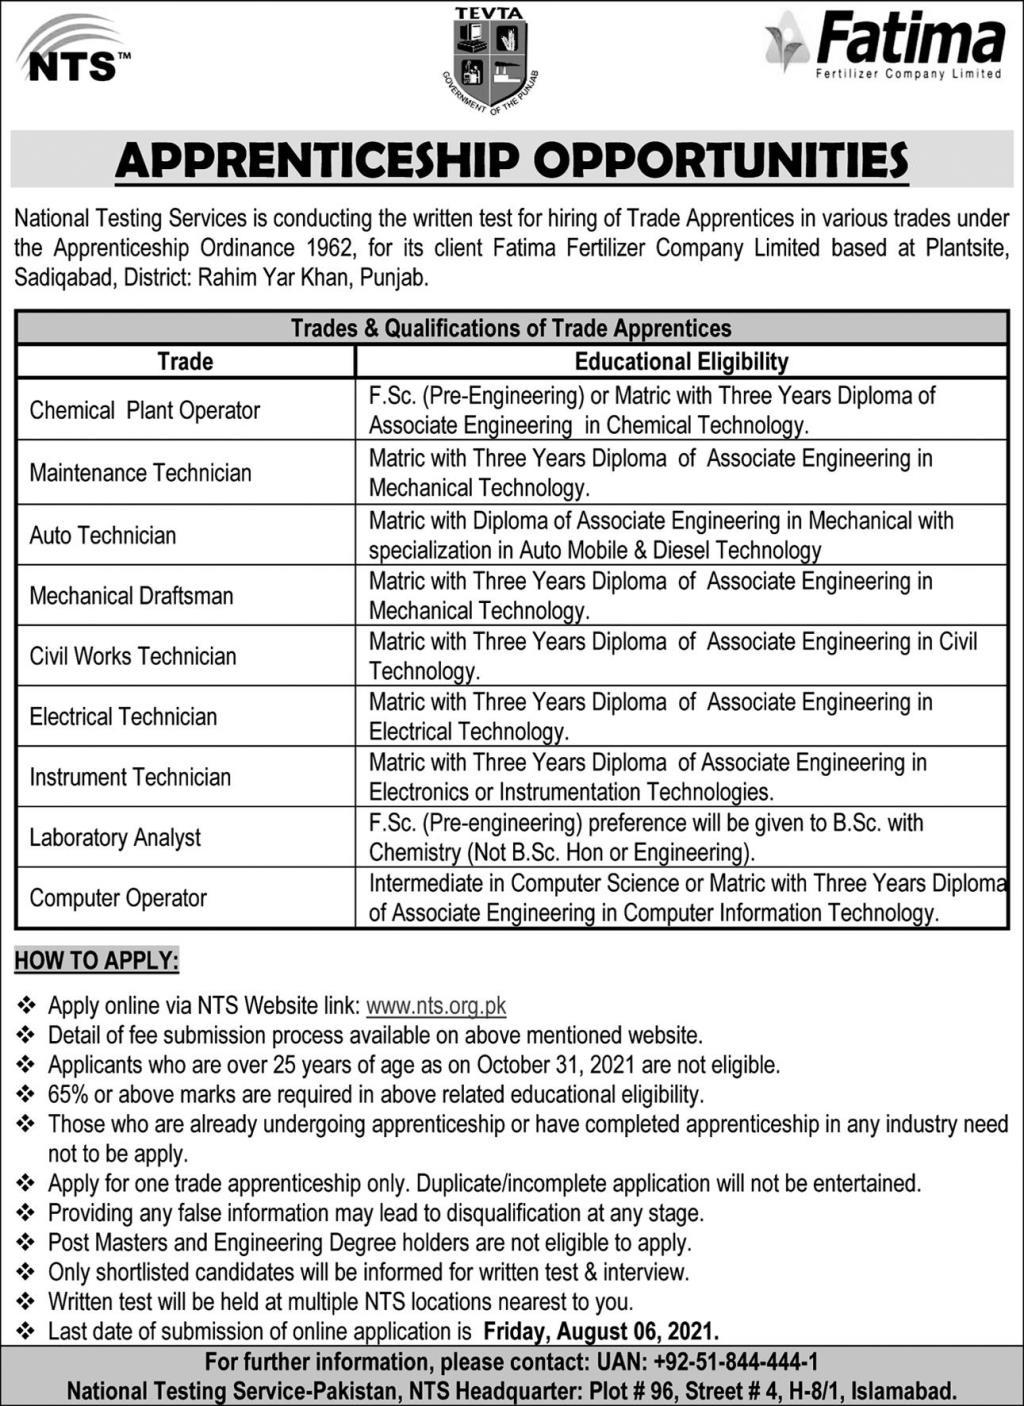 Fatima Fertilizer Company Limited Apprenticeship 2021